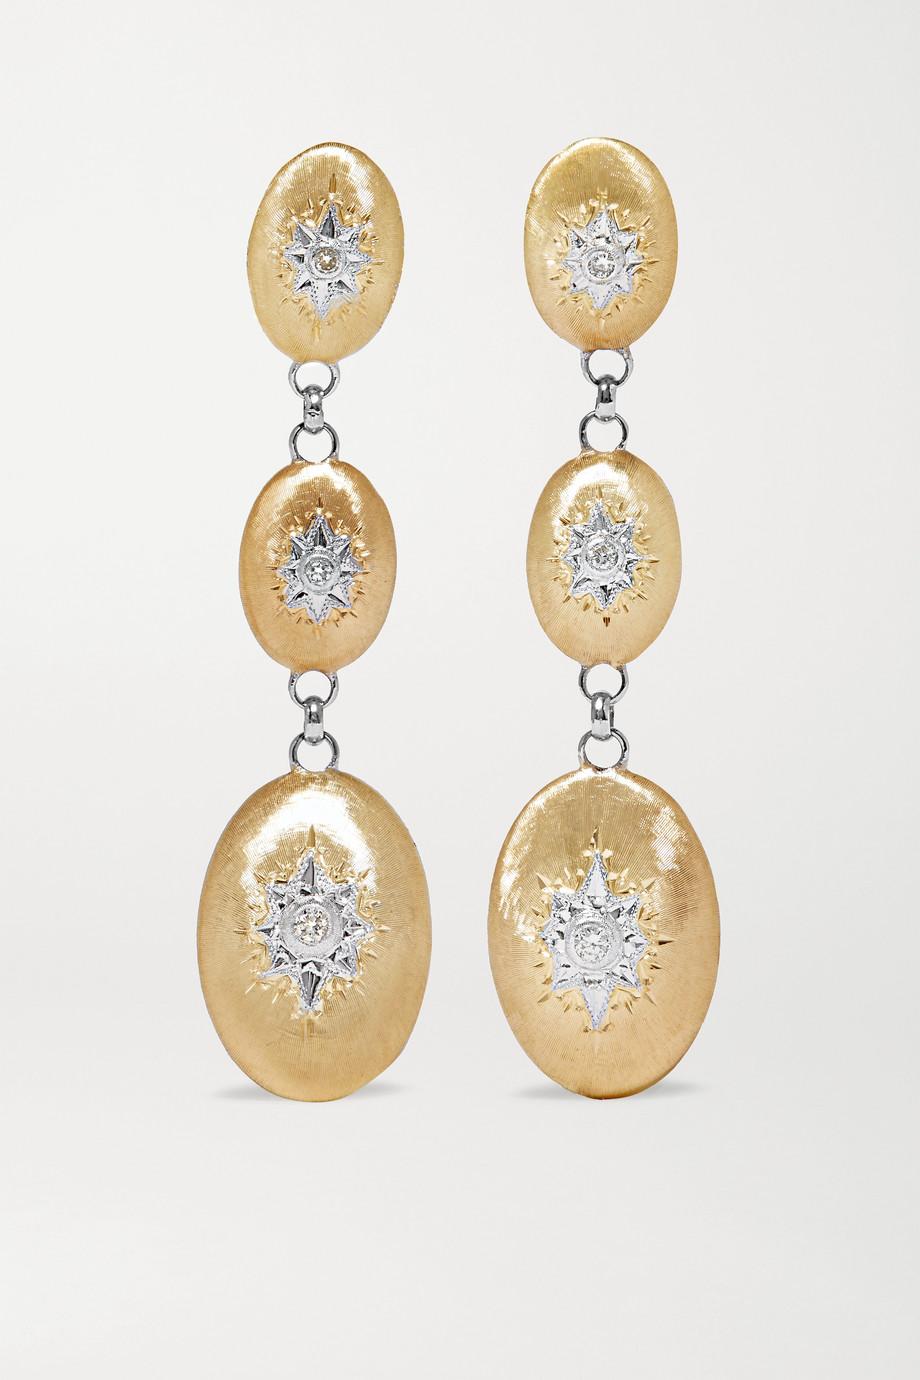 Buccellati Macri Ohrringe aus 18 Karat Gelb- und Weißgold mit Diamanten